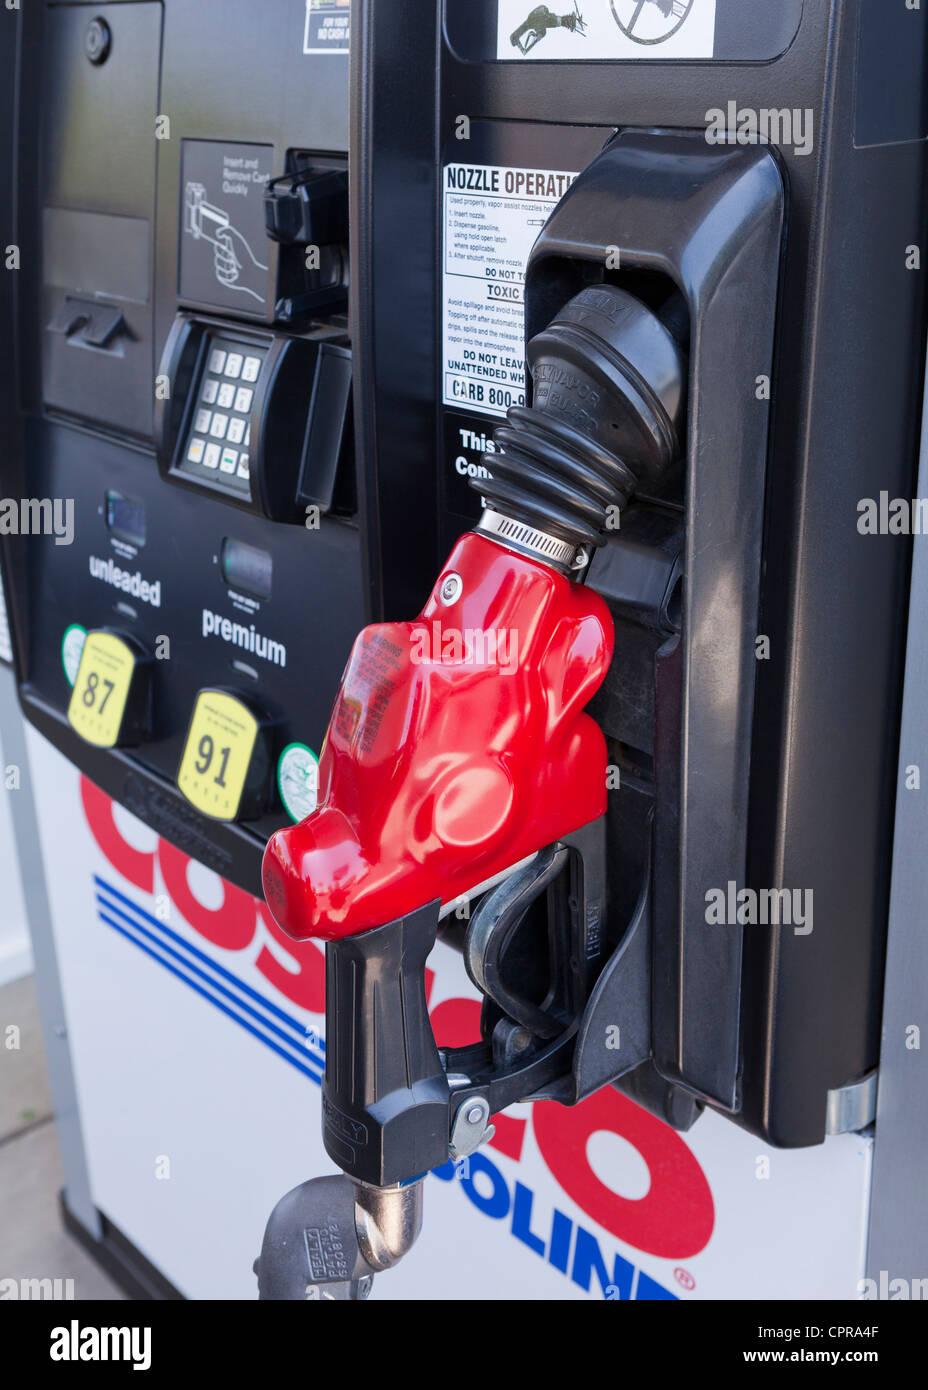 fuel pump and dispenser